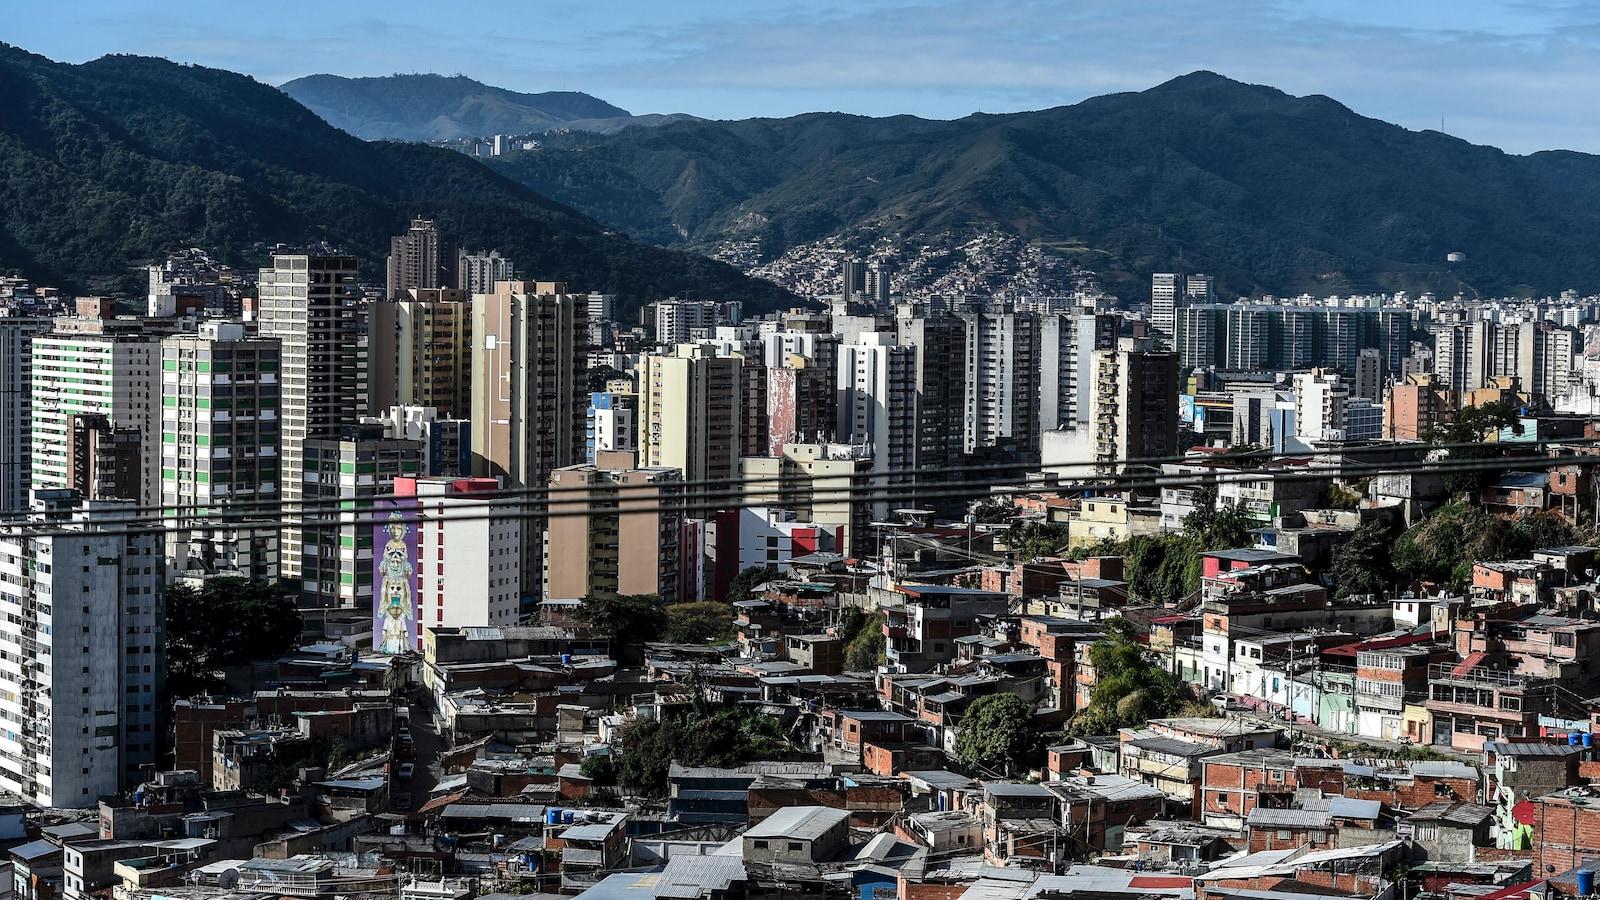 Une vue aérienne d'immeubles de Caracas, au Venezuela.